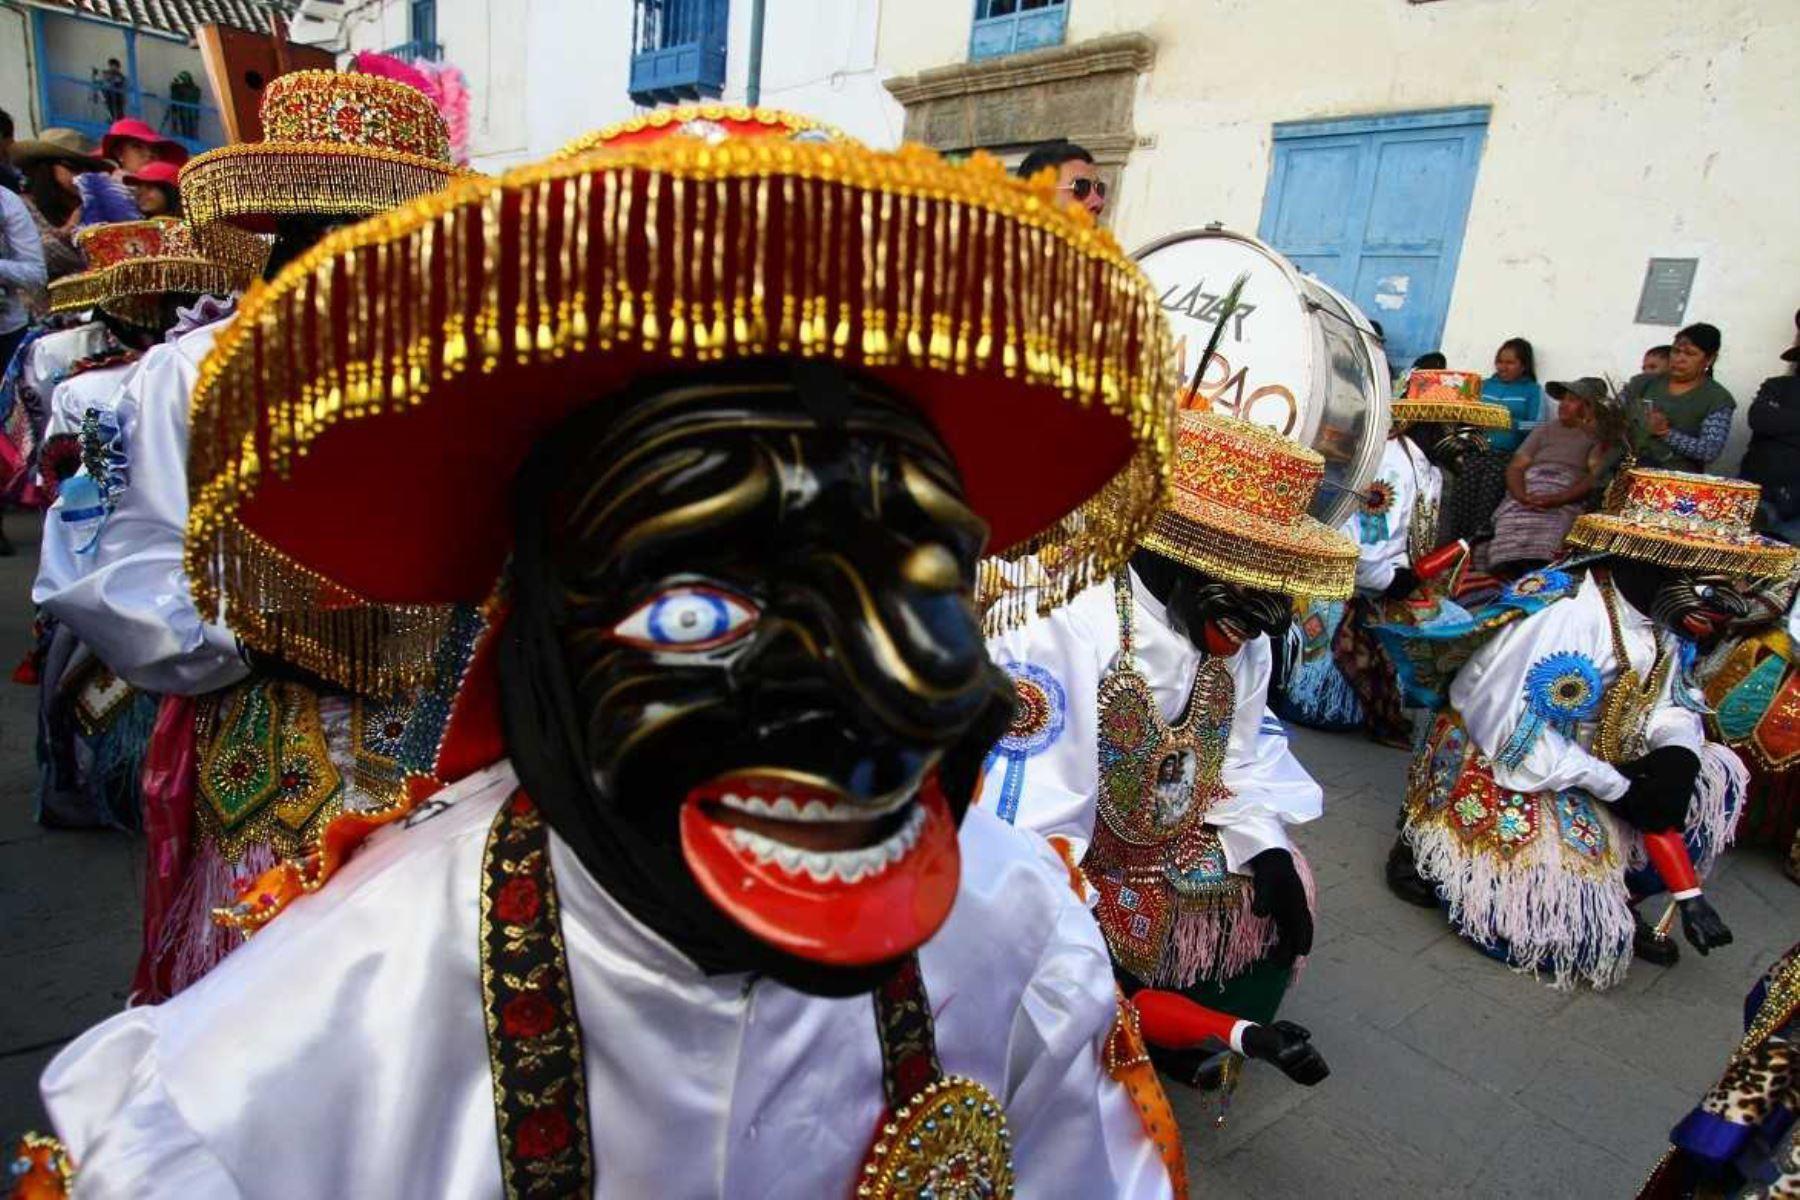 El Ministerio de Cultura declaró Patrimonio Cultural de la Nación a los conocimientos y las técnicas en la elaboración de las máscaras de Paucartambo, provincia de la región Cusco, en reconocimiento a la continuidad, valor social y cultural de las máscaras relacionadas a las danzas de la Festividad de la Virgen del Carmen de Paucartambo. Foto: Percy Hurtado